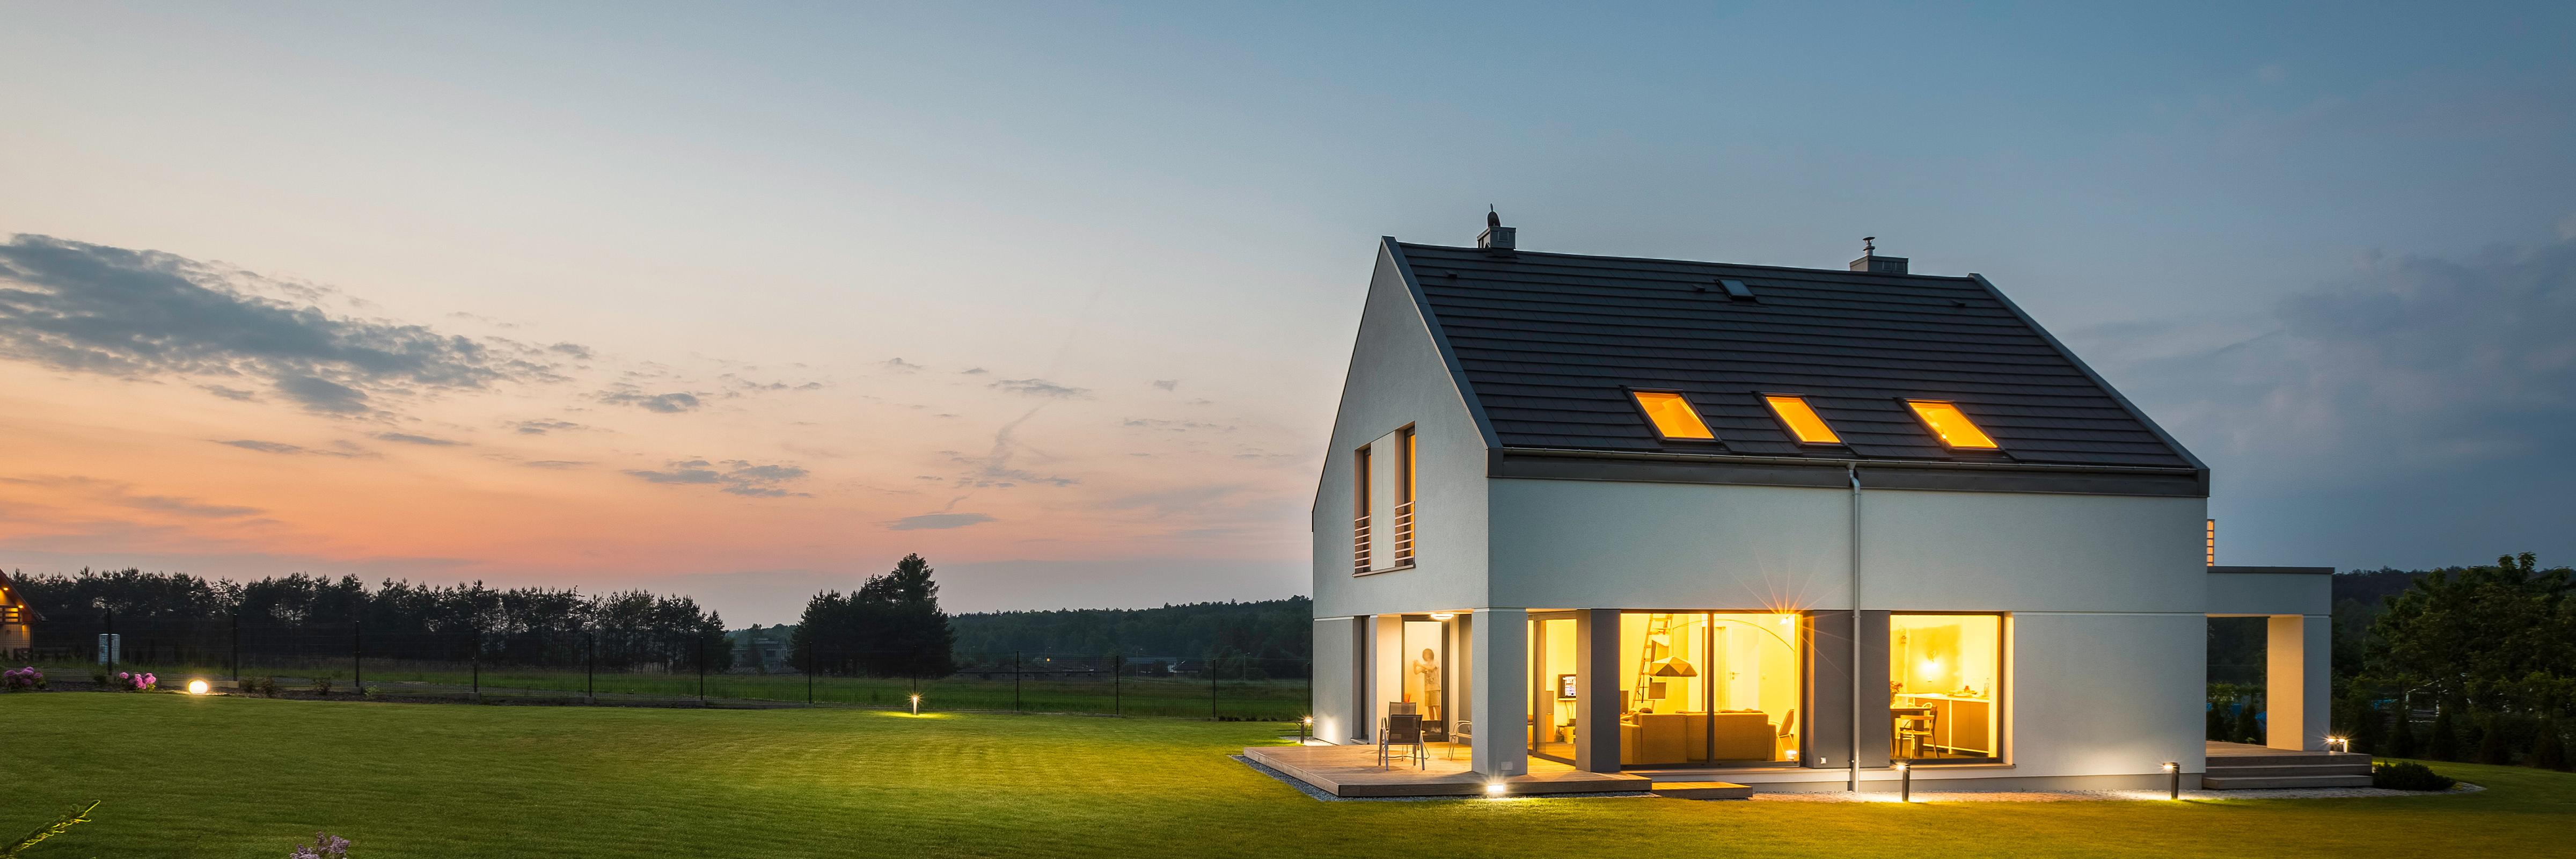 Freistehendes Haus mit Garten in der Abenddämmerung